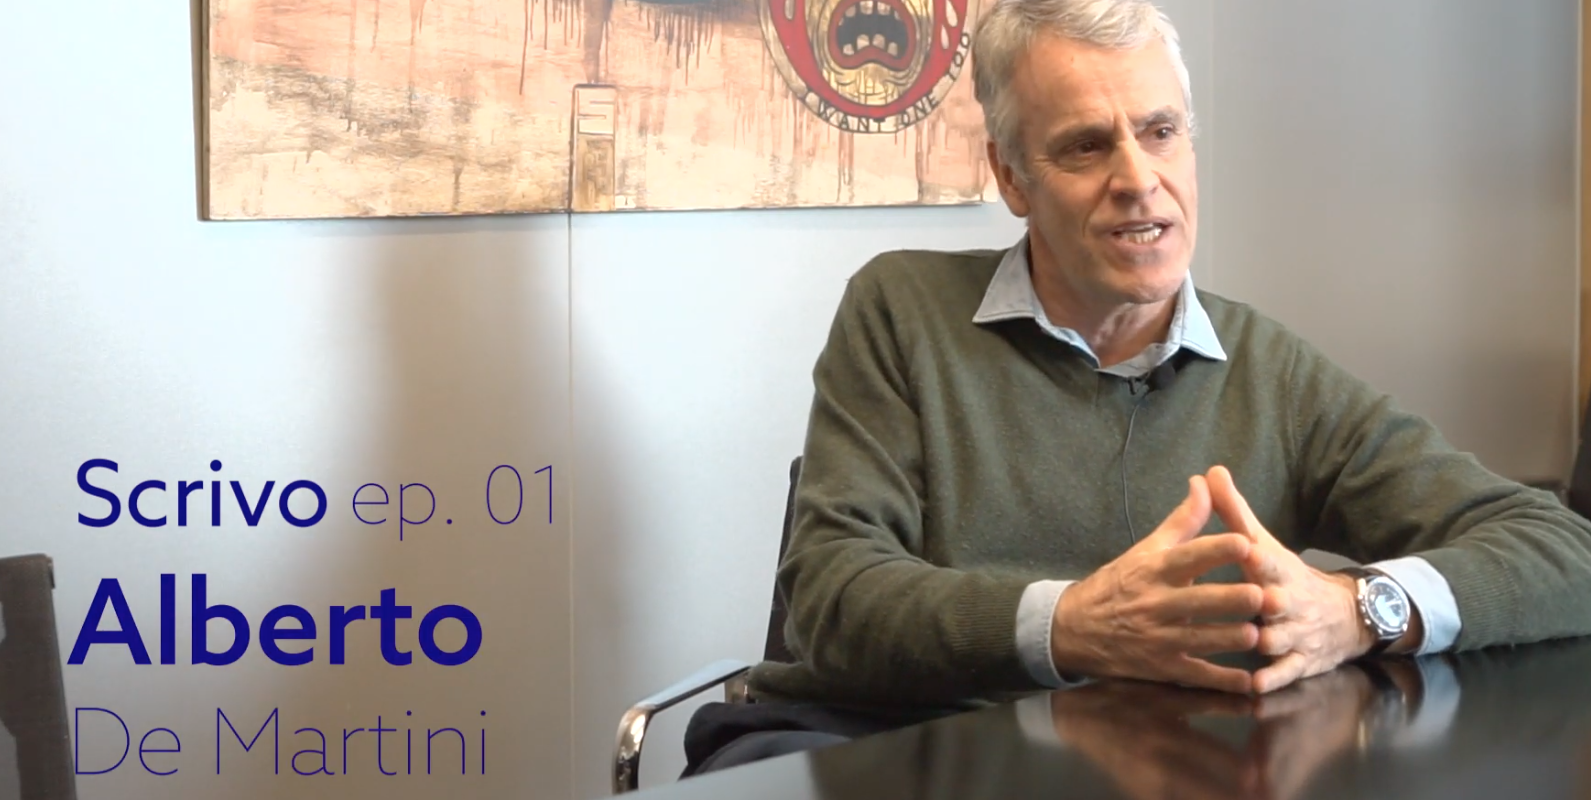 Scrivo ep. 01 - Alberto De Martini